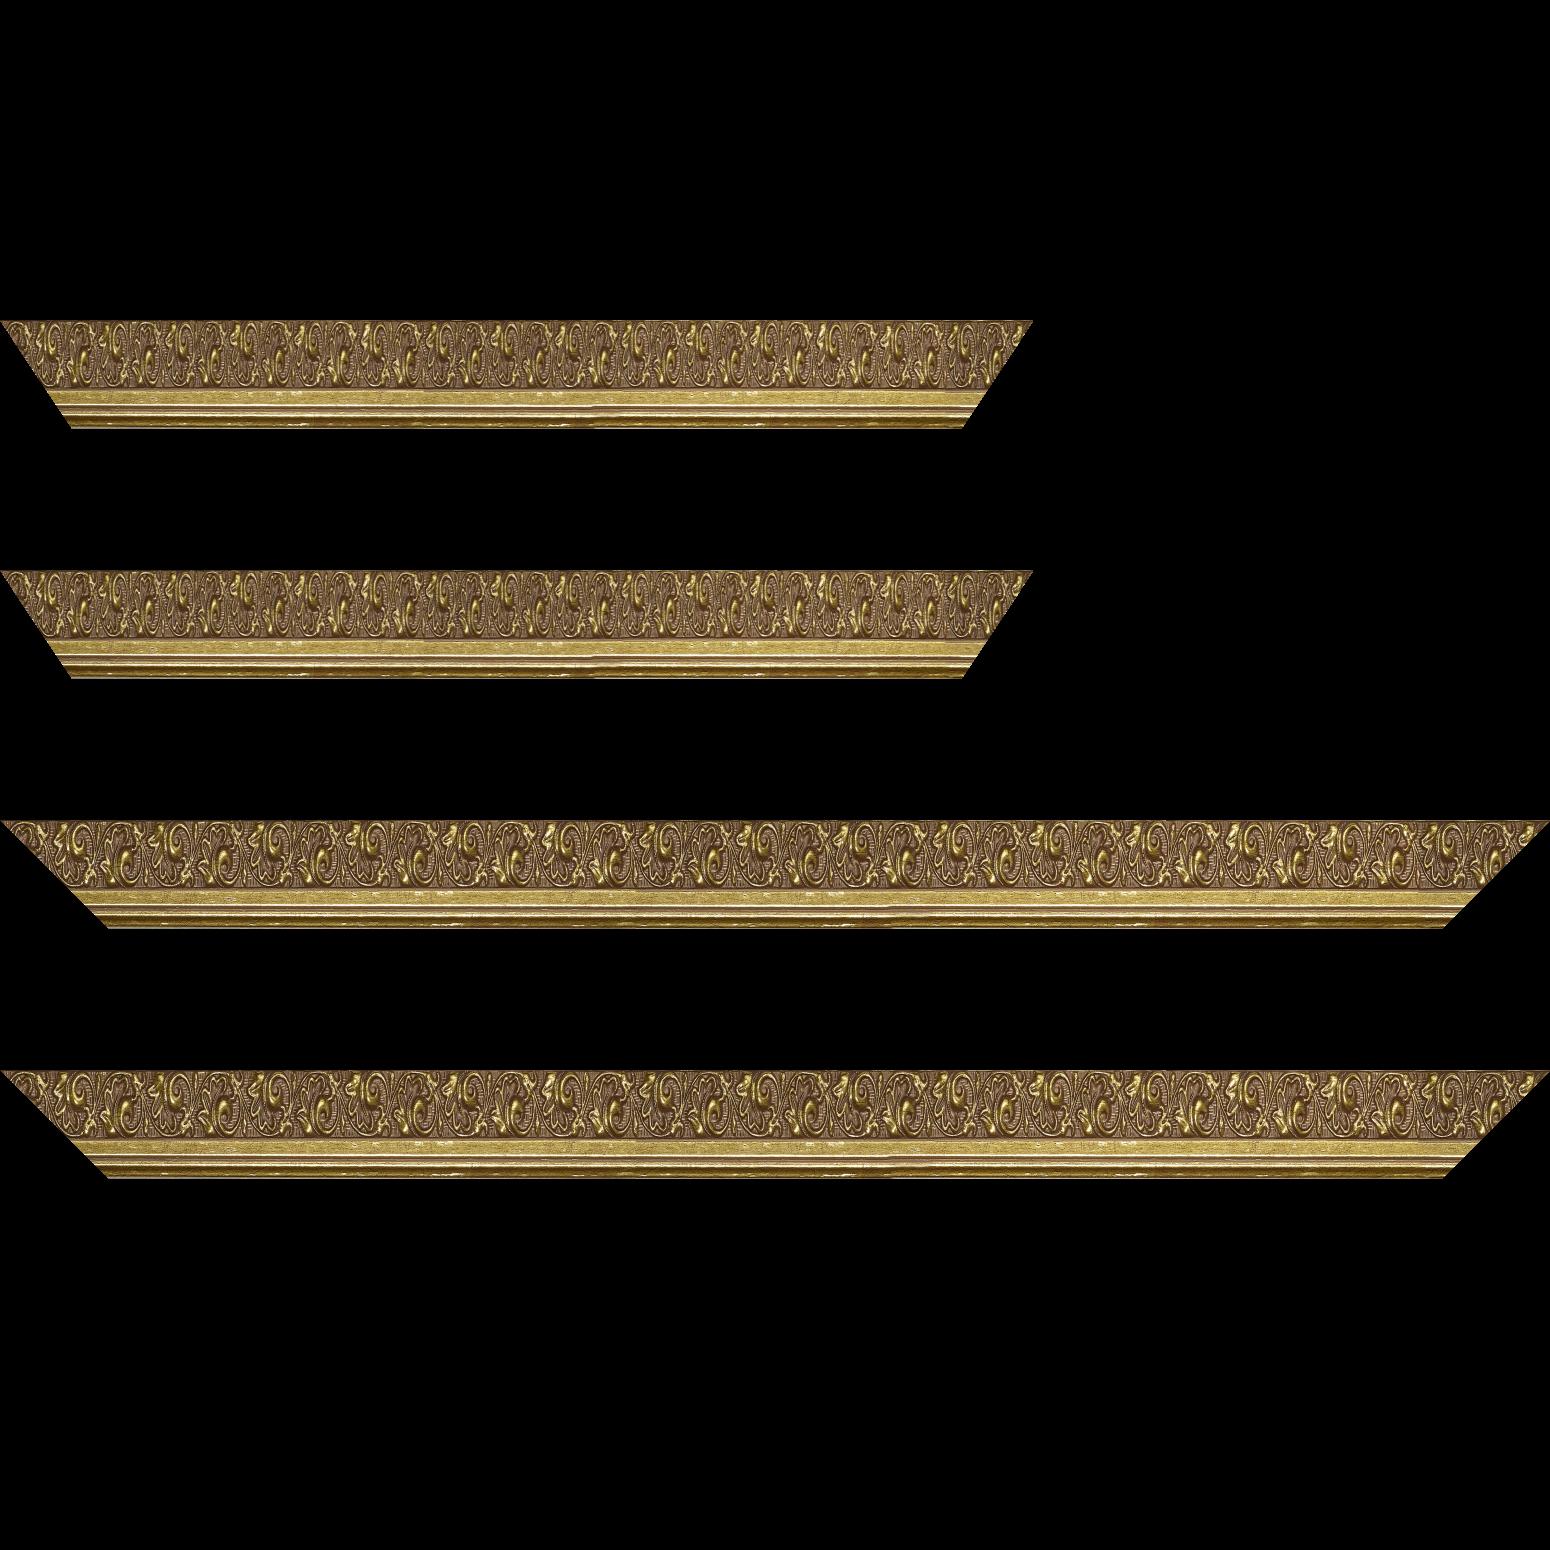 Baguette service précoupé Bois profil plat largeur 3.5cm or antique satiné décor frise